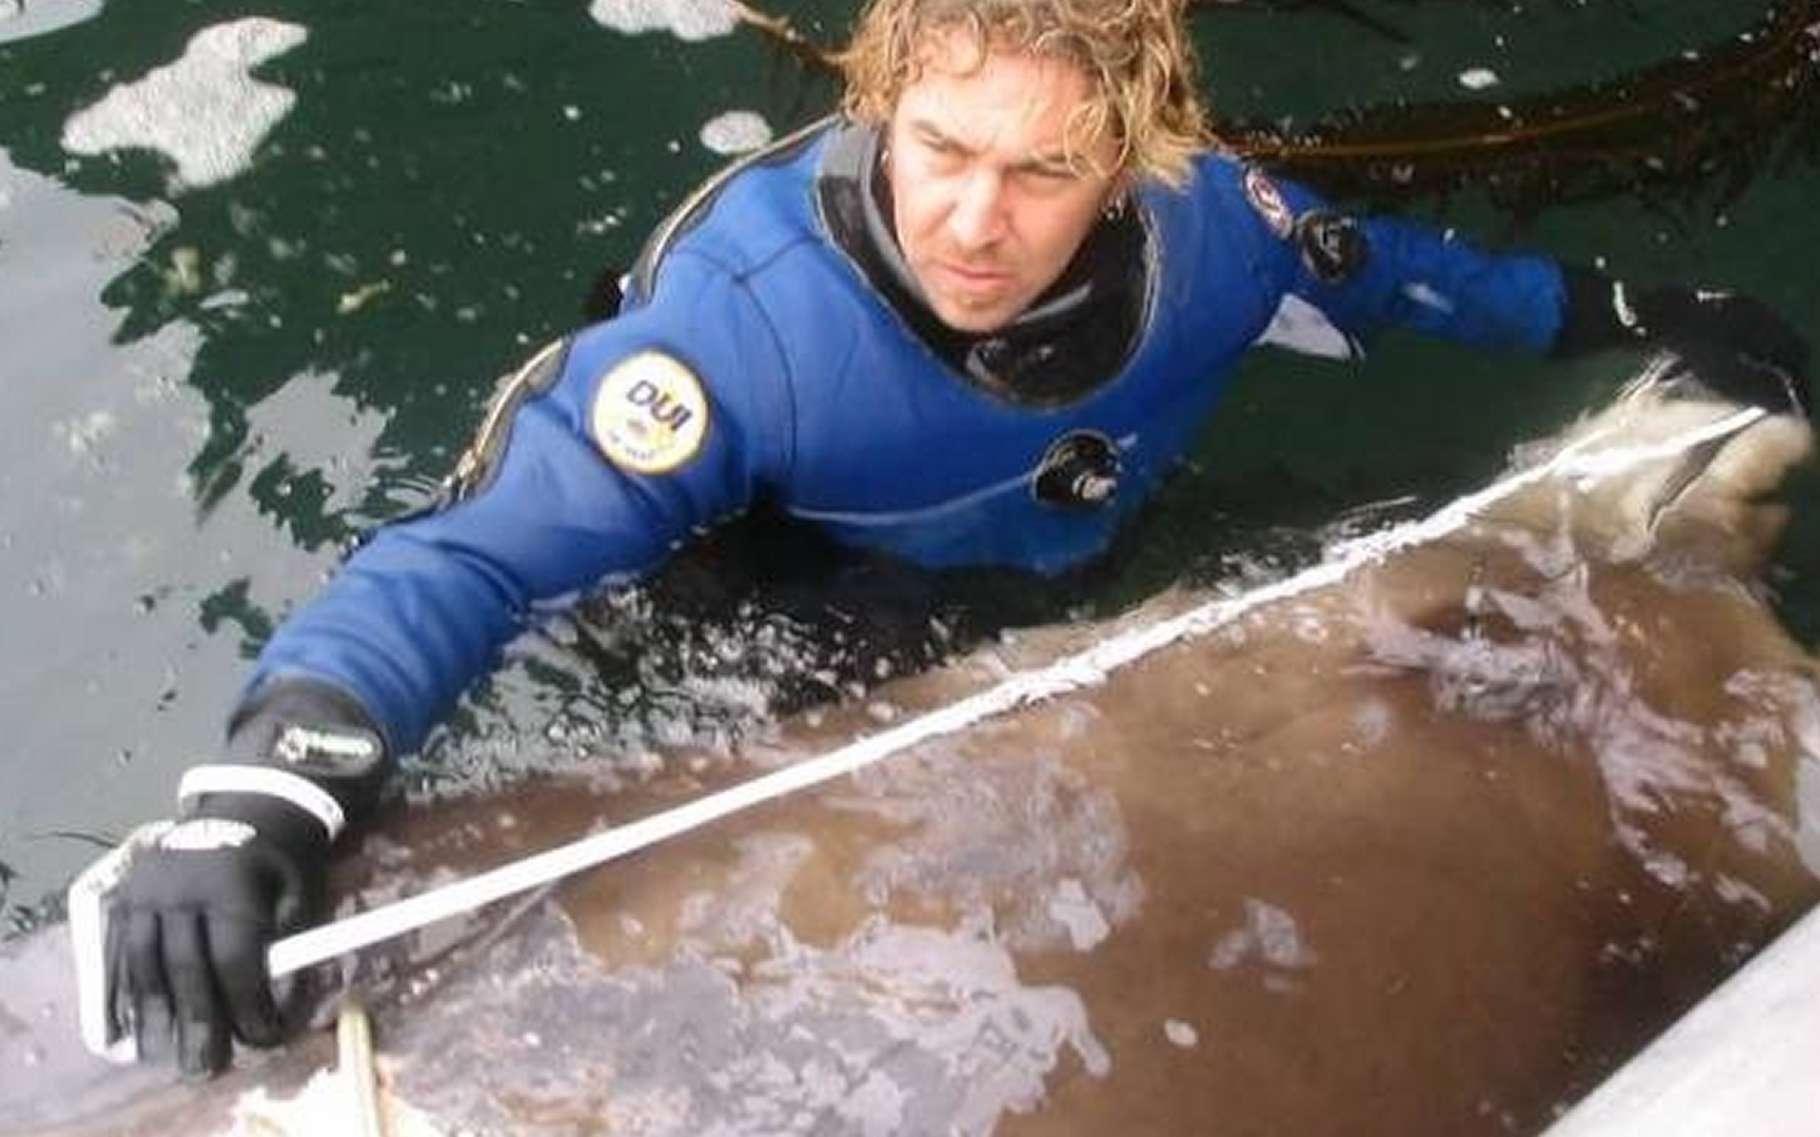 L'océanographe Reid Brewer (University of Alaska Southeast), en 2004, mesure le cadavre d'une baleine à bec inconnue retrouvée dans les îles Aléoutiennes, chapelet de terres en arc de cercle joignant le Kamtchatka et l'Alaska, et fermant la mer de Béring. L'analyse génétique a révélé que l'animal appartient effectivement à une espèce encore non décrite. © Don Graves